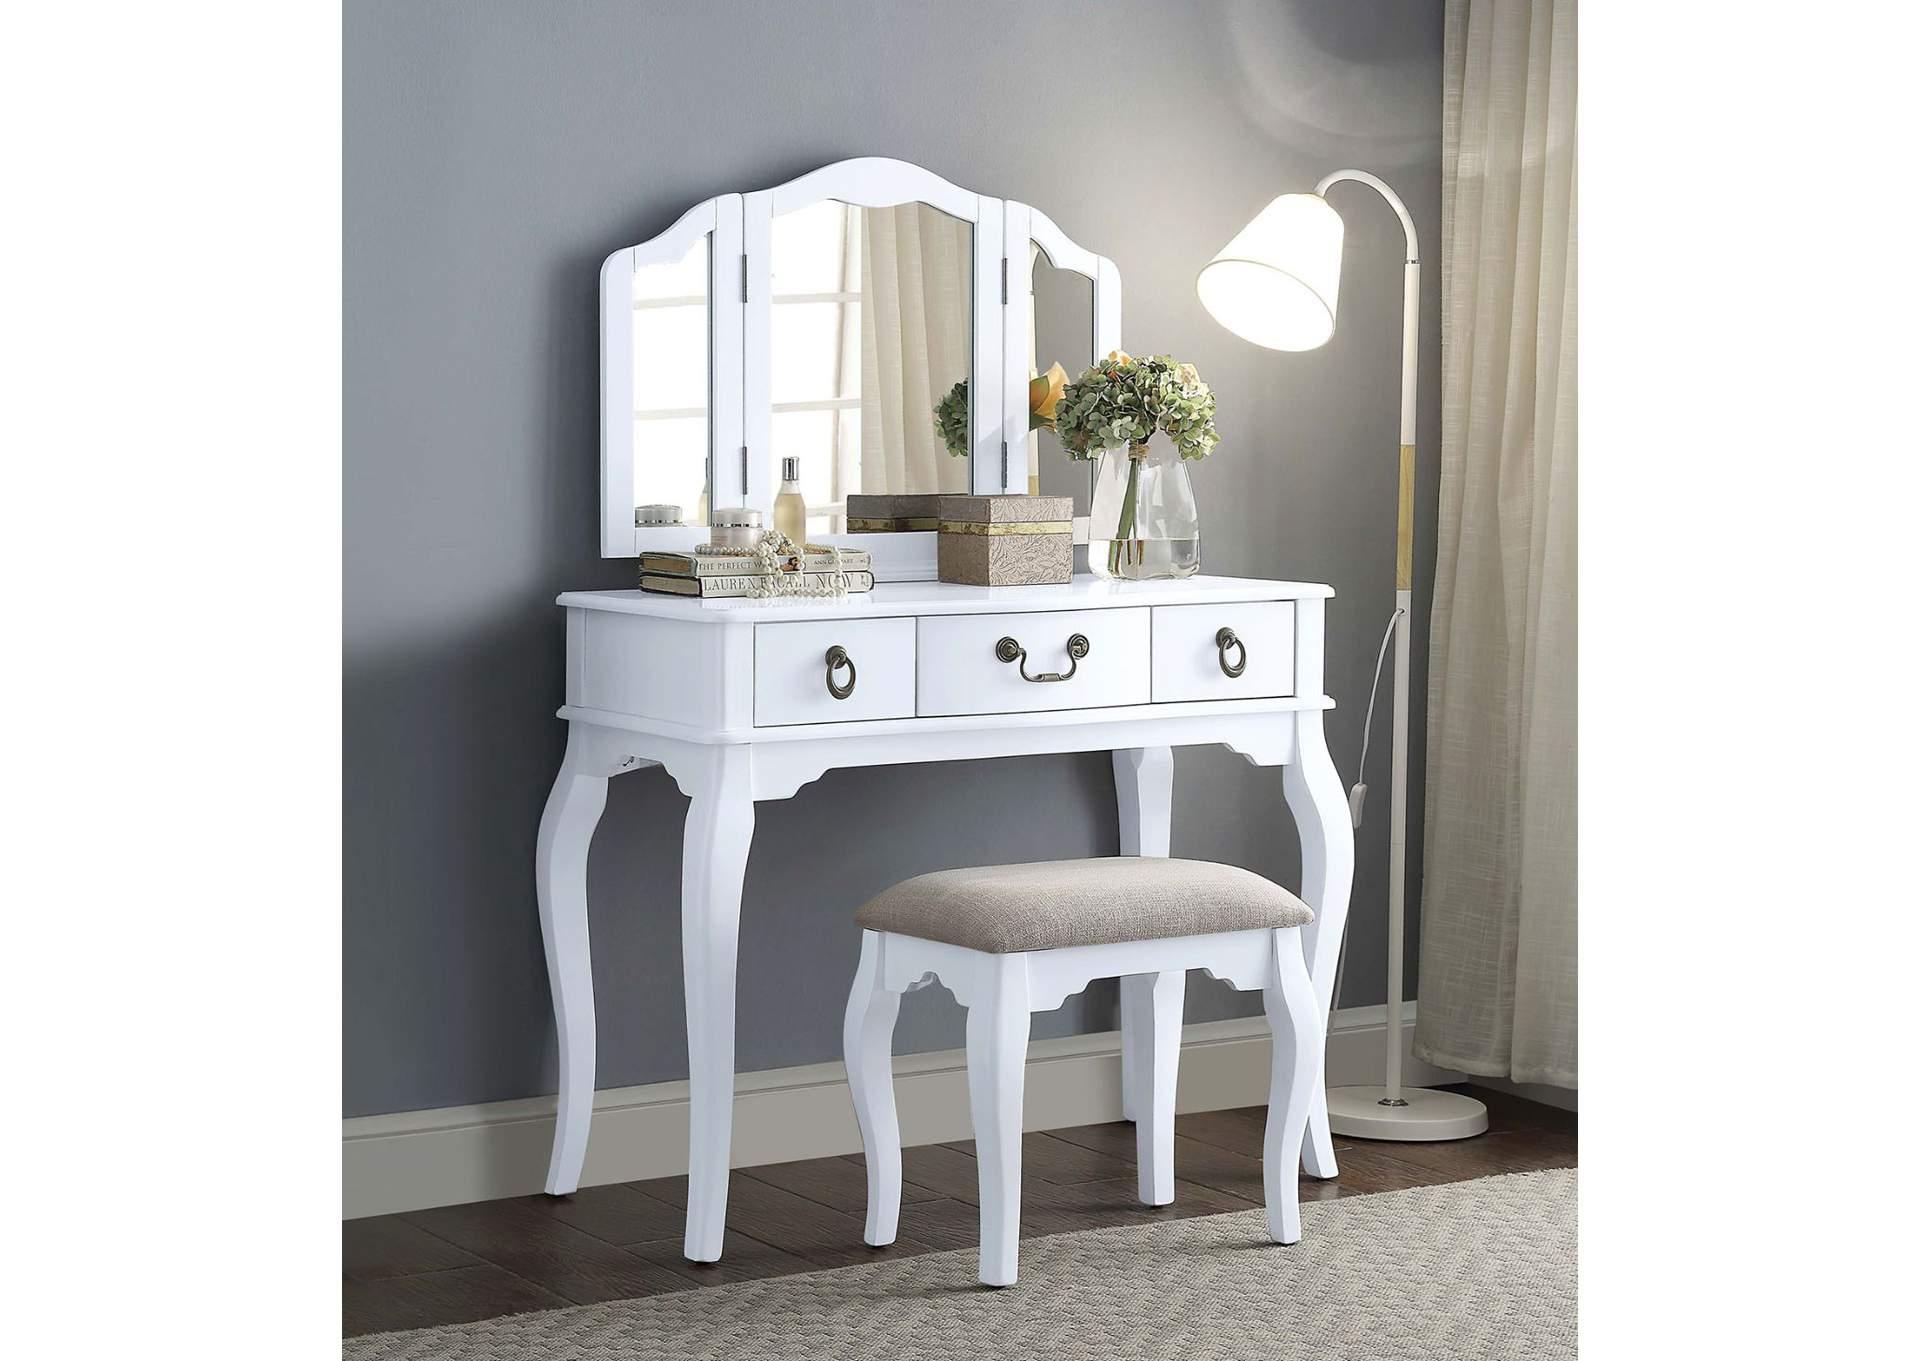 Best Buy Furniture and Mattress Abelus Tan White Vanity Set